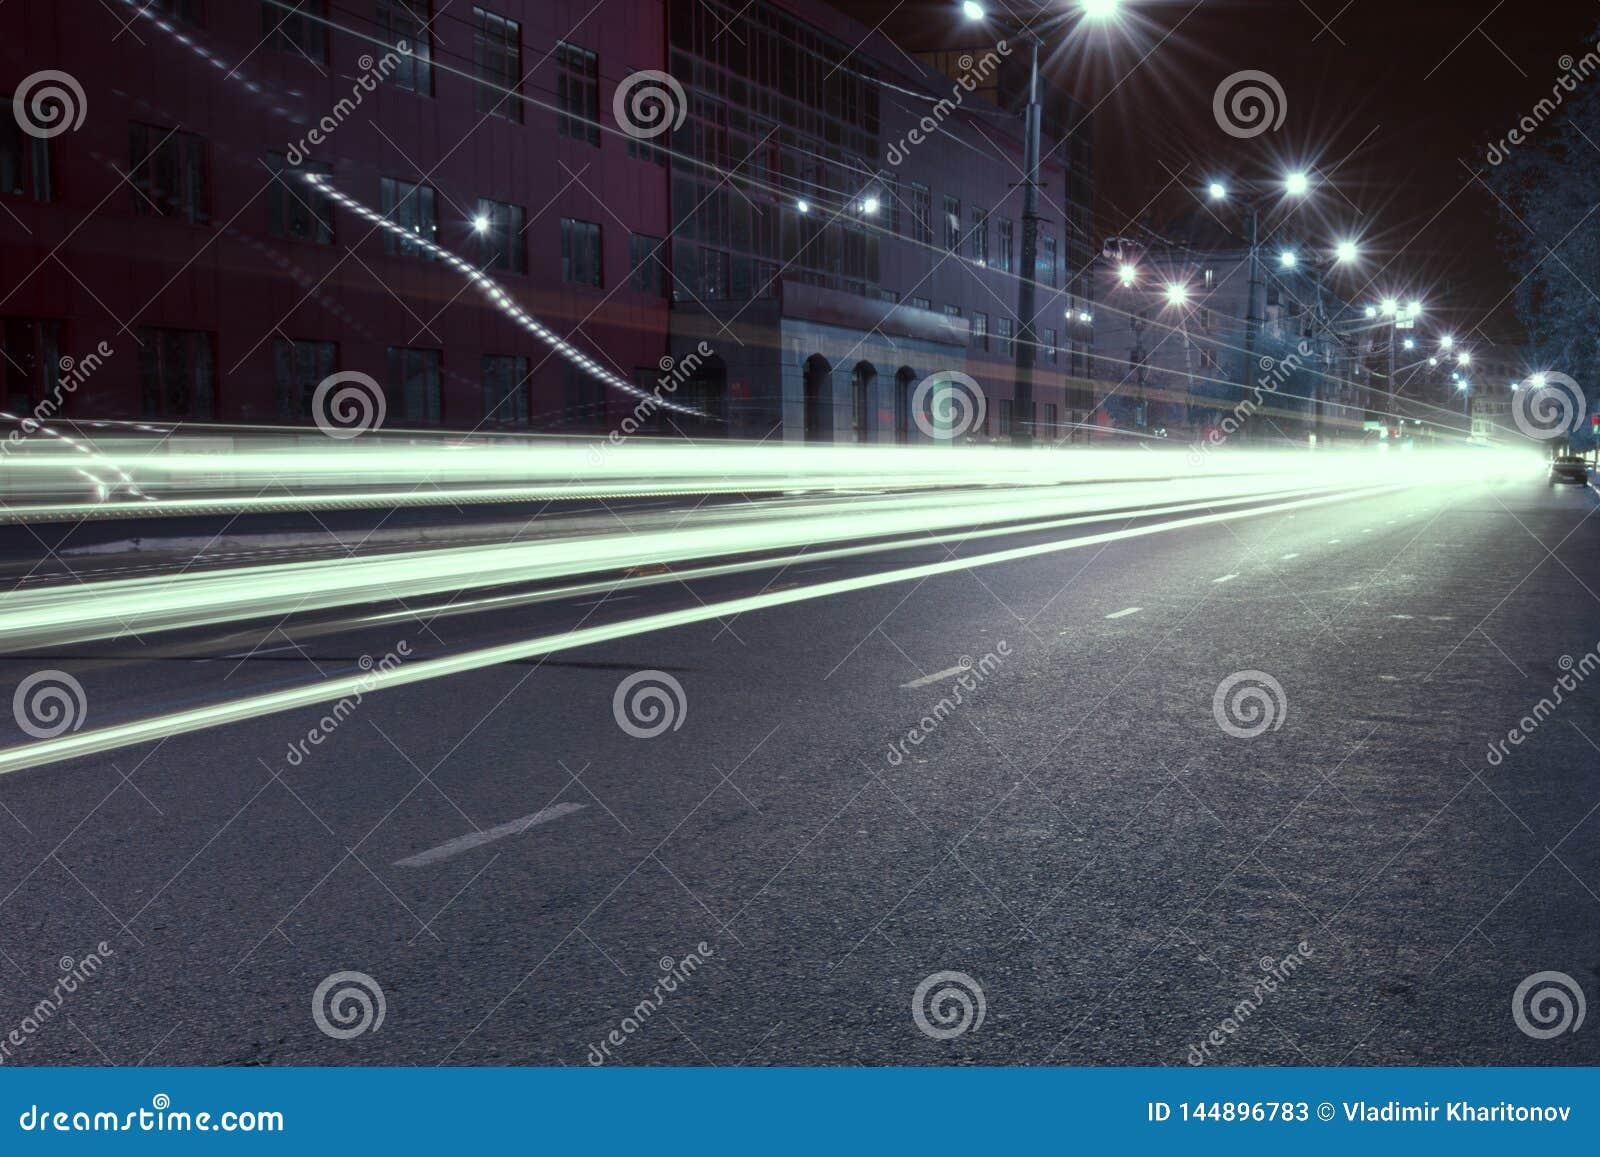 Εθνική οδός στην πόλη νύχτας